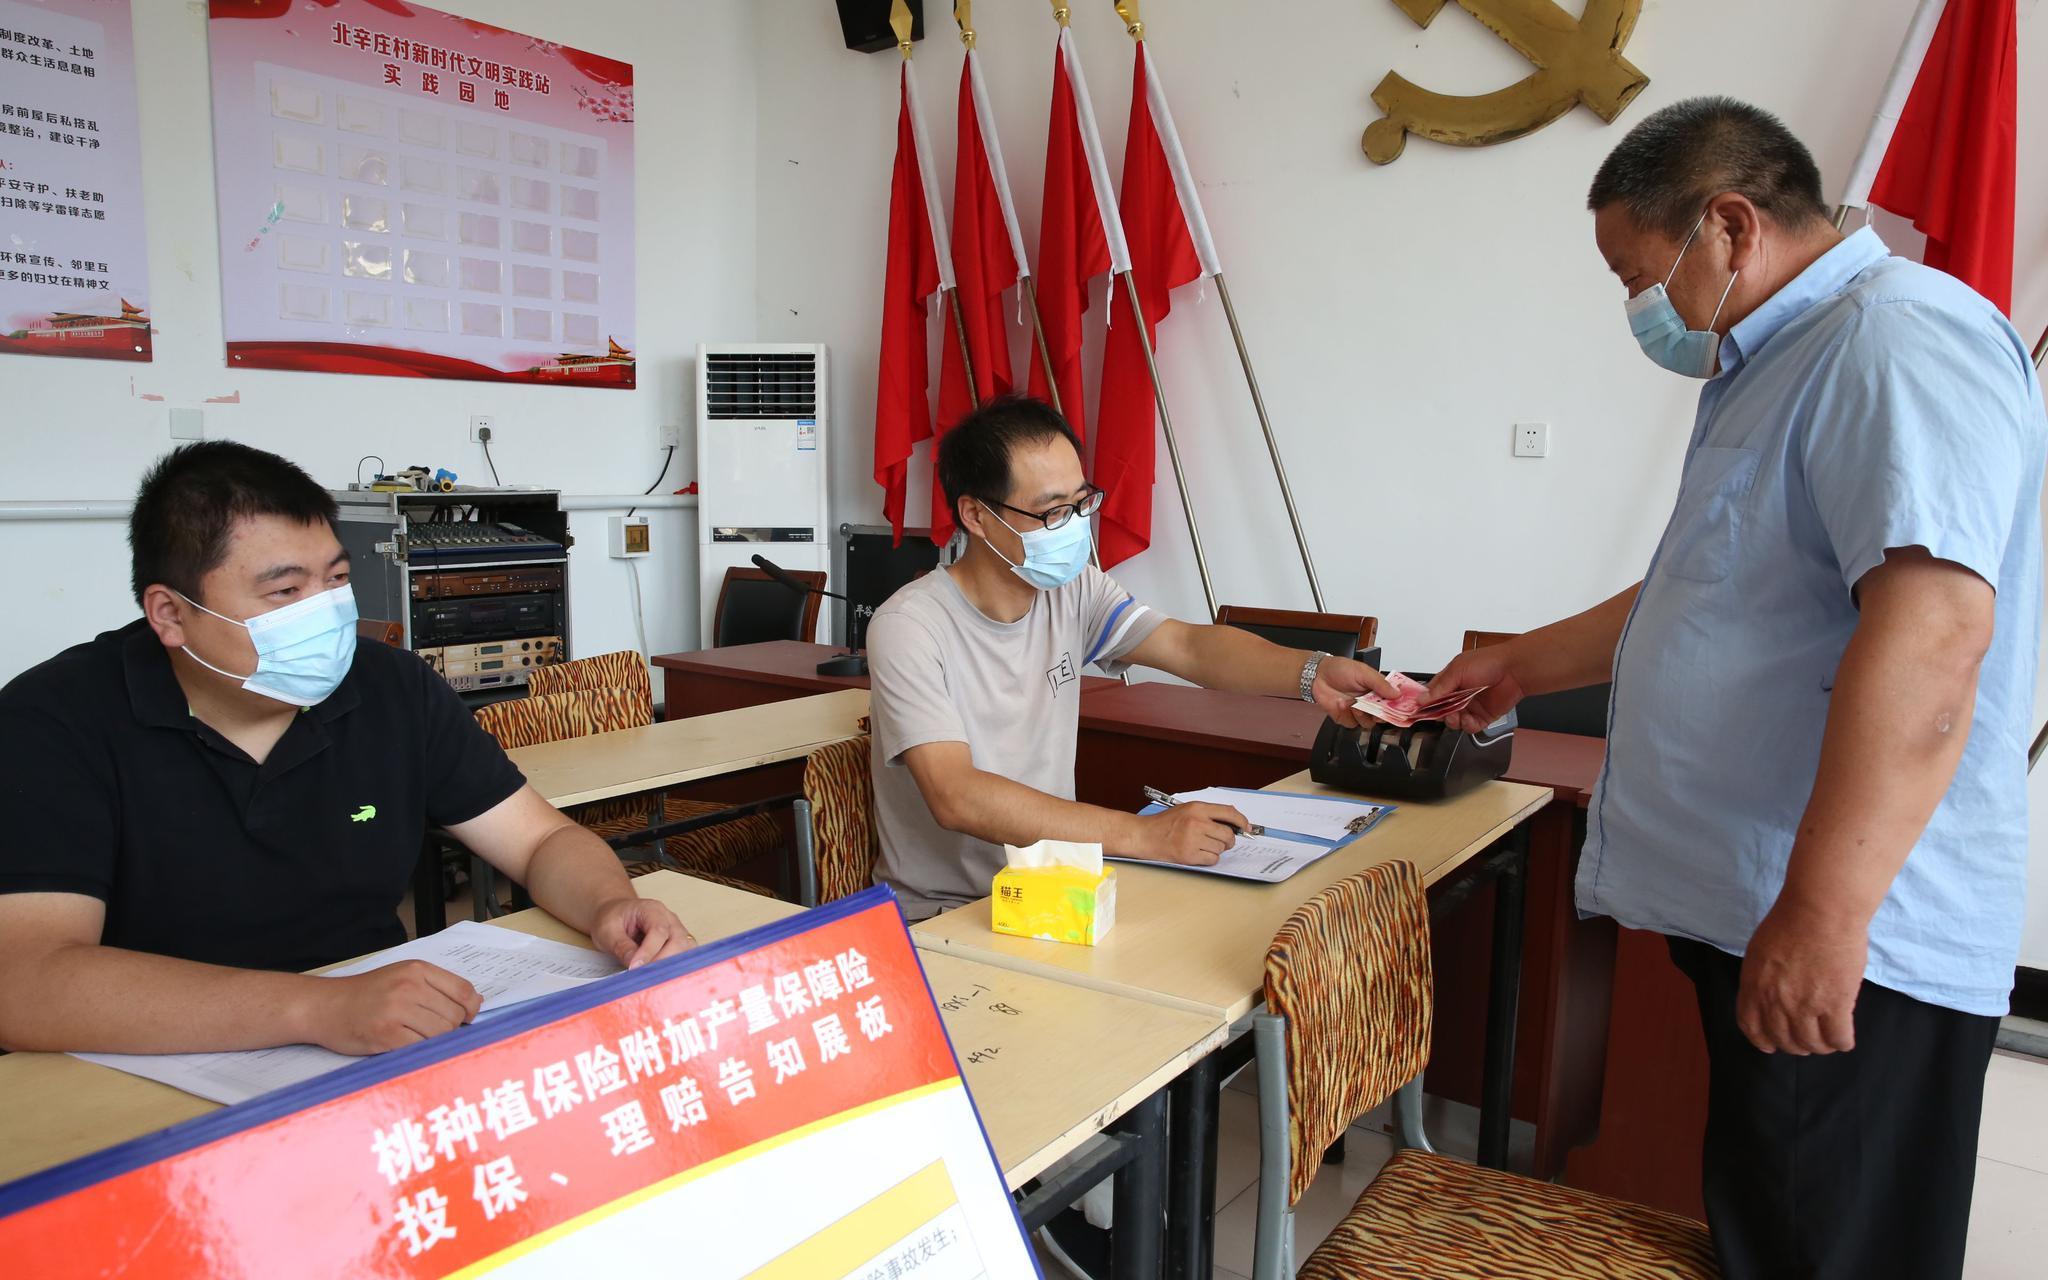 京郊大桃有了产量险 遇灾害每亩最高可获赔4200元图片